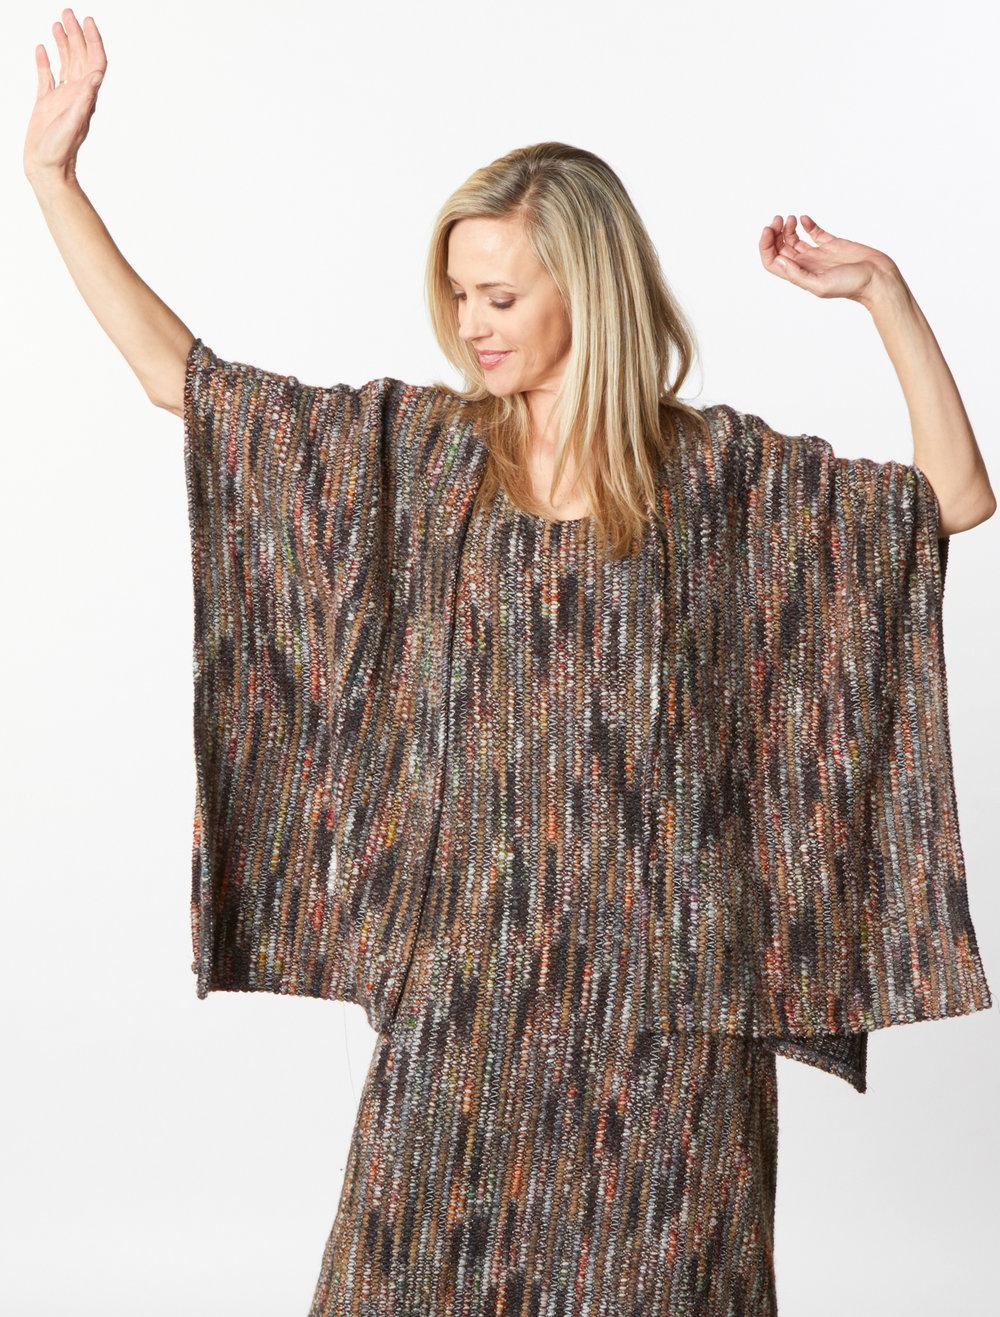 Bobbi Dress, Wrap Poncho in Multi Italian Crochet